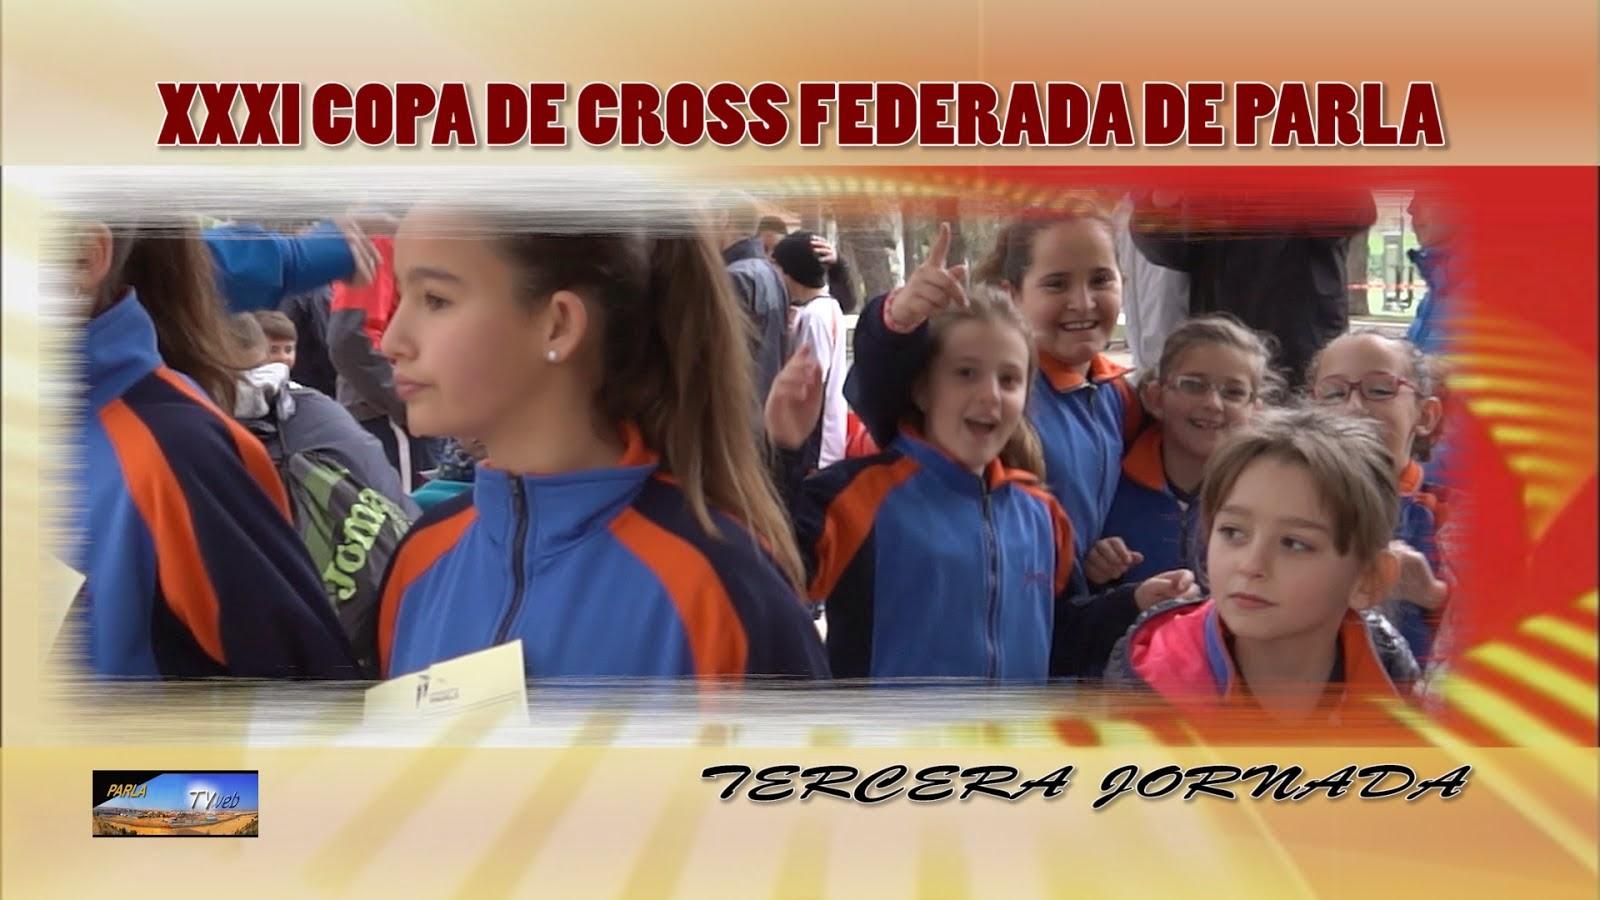 XXXI COPA DE CROSS FEDERADO EN PARLA